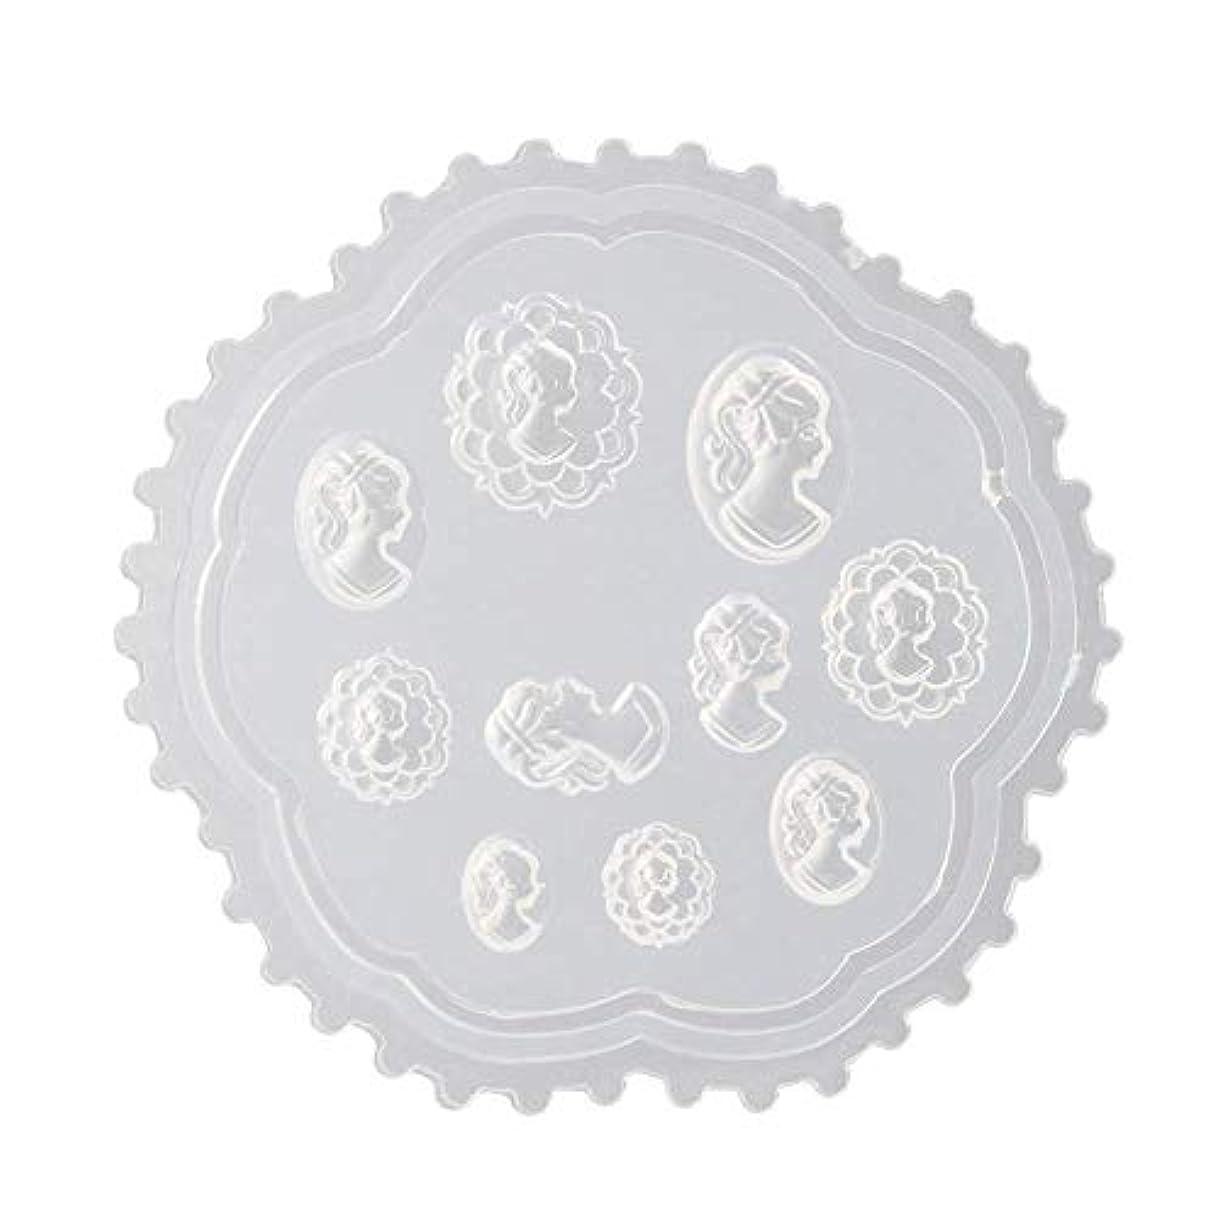 小競り合い設計図ポルノFlymylion 3Dシリコンモールド ネイル 葉 花 抜き型 3Dネイル用 レジンモールド UVレジン ネイルパーツ ジェル ネイル セット アクセサリー パーツ 作成 (2)